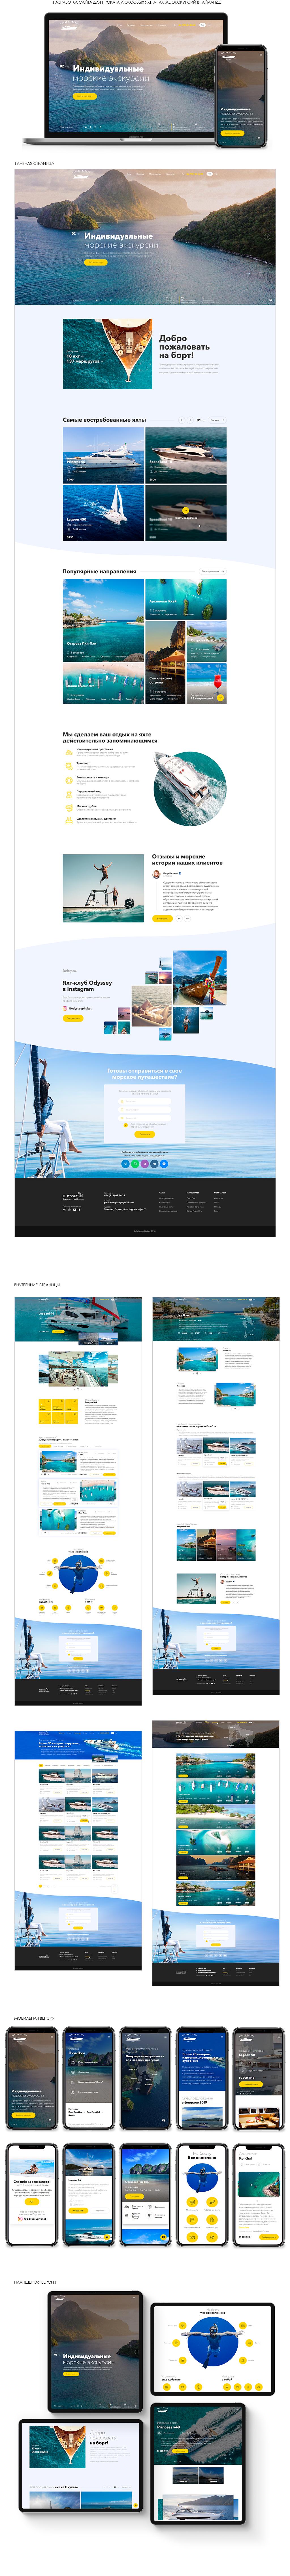 Сайт по прокату Яхт и экскурсий в Тайланде - Sagarayachts